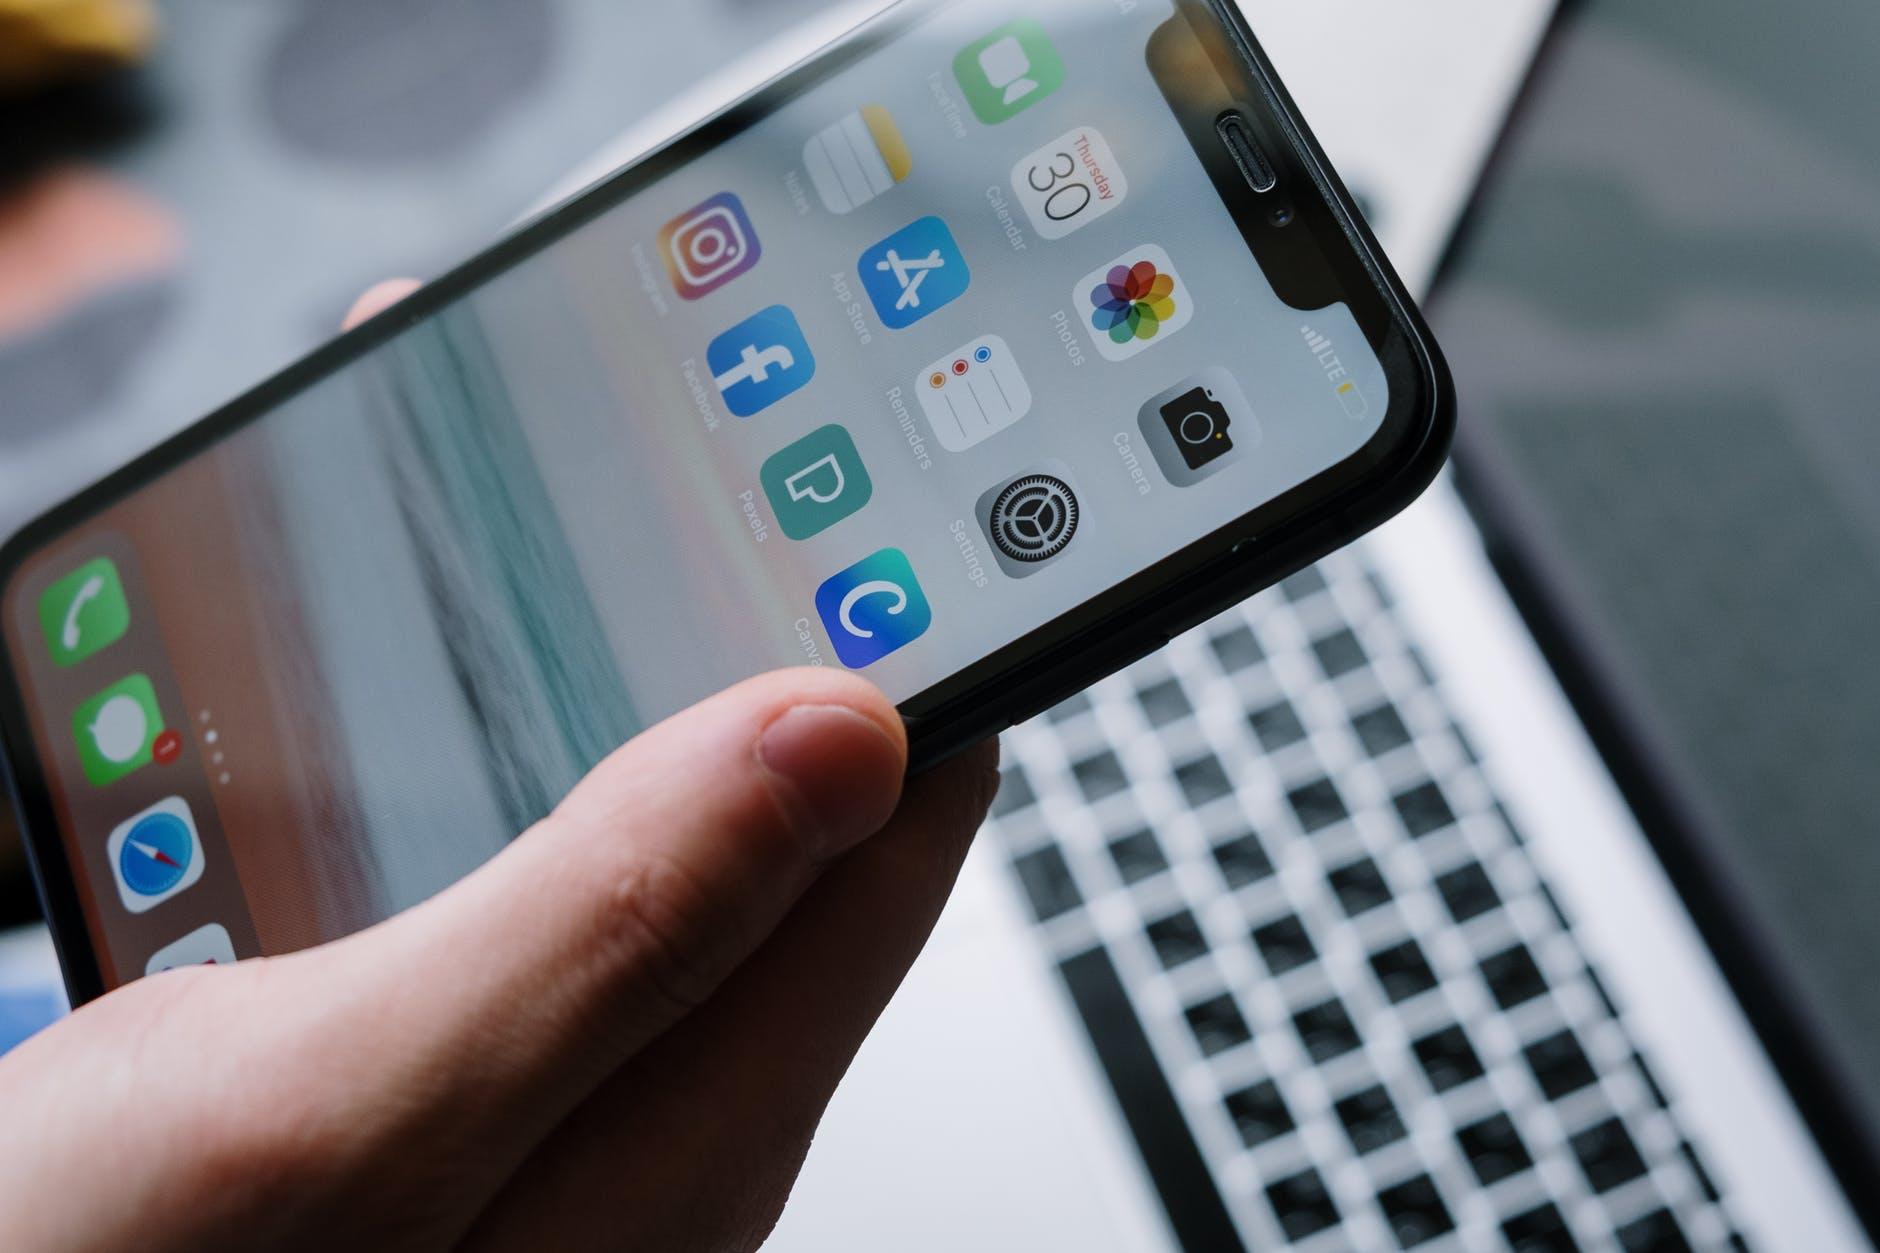 Imate problema sa slanjem fotografija ili videa putem Messengera i Instagram poruka? Evo objašnjenja